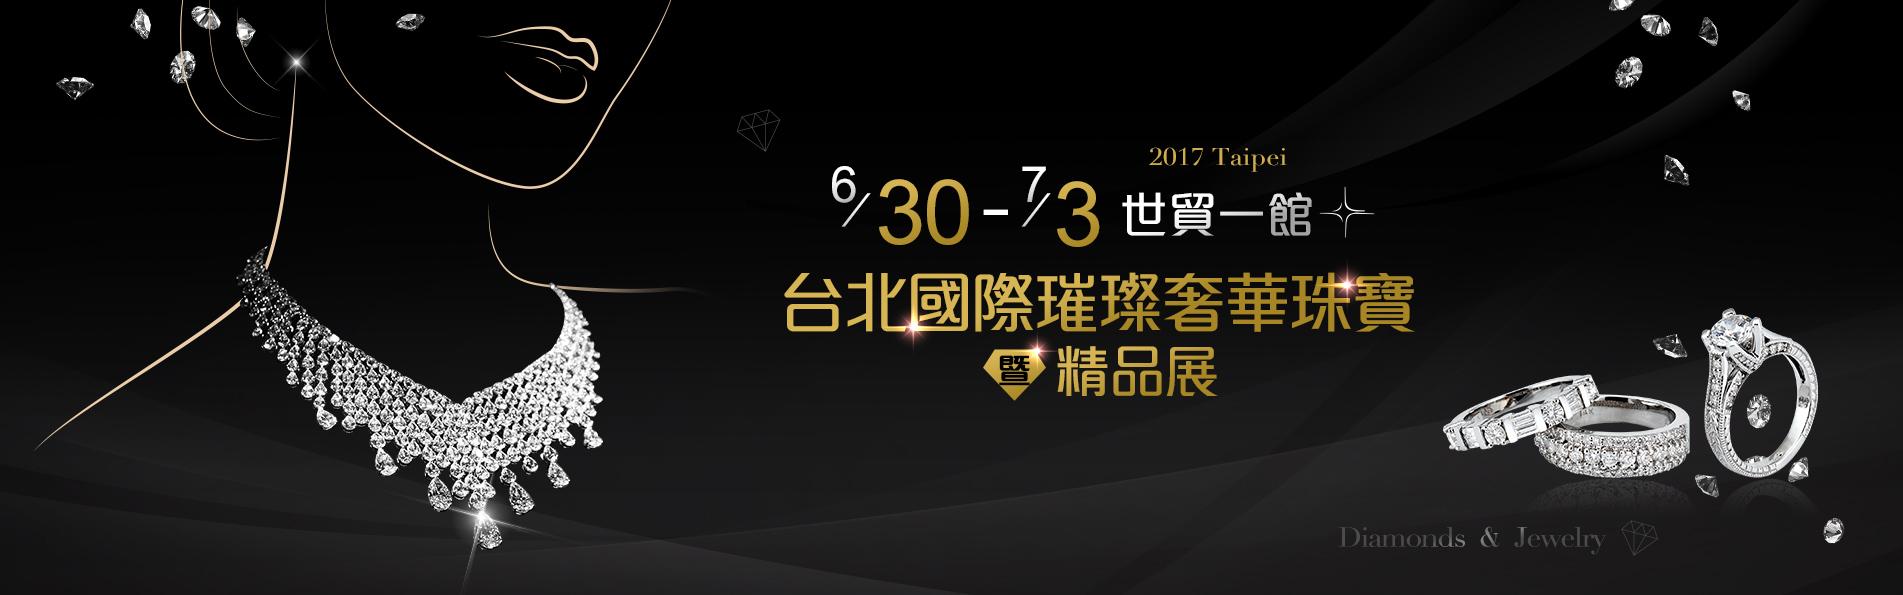 2017台北國際璀璨奢華珠寶暨精品展